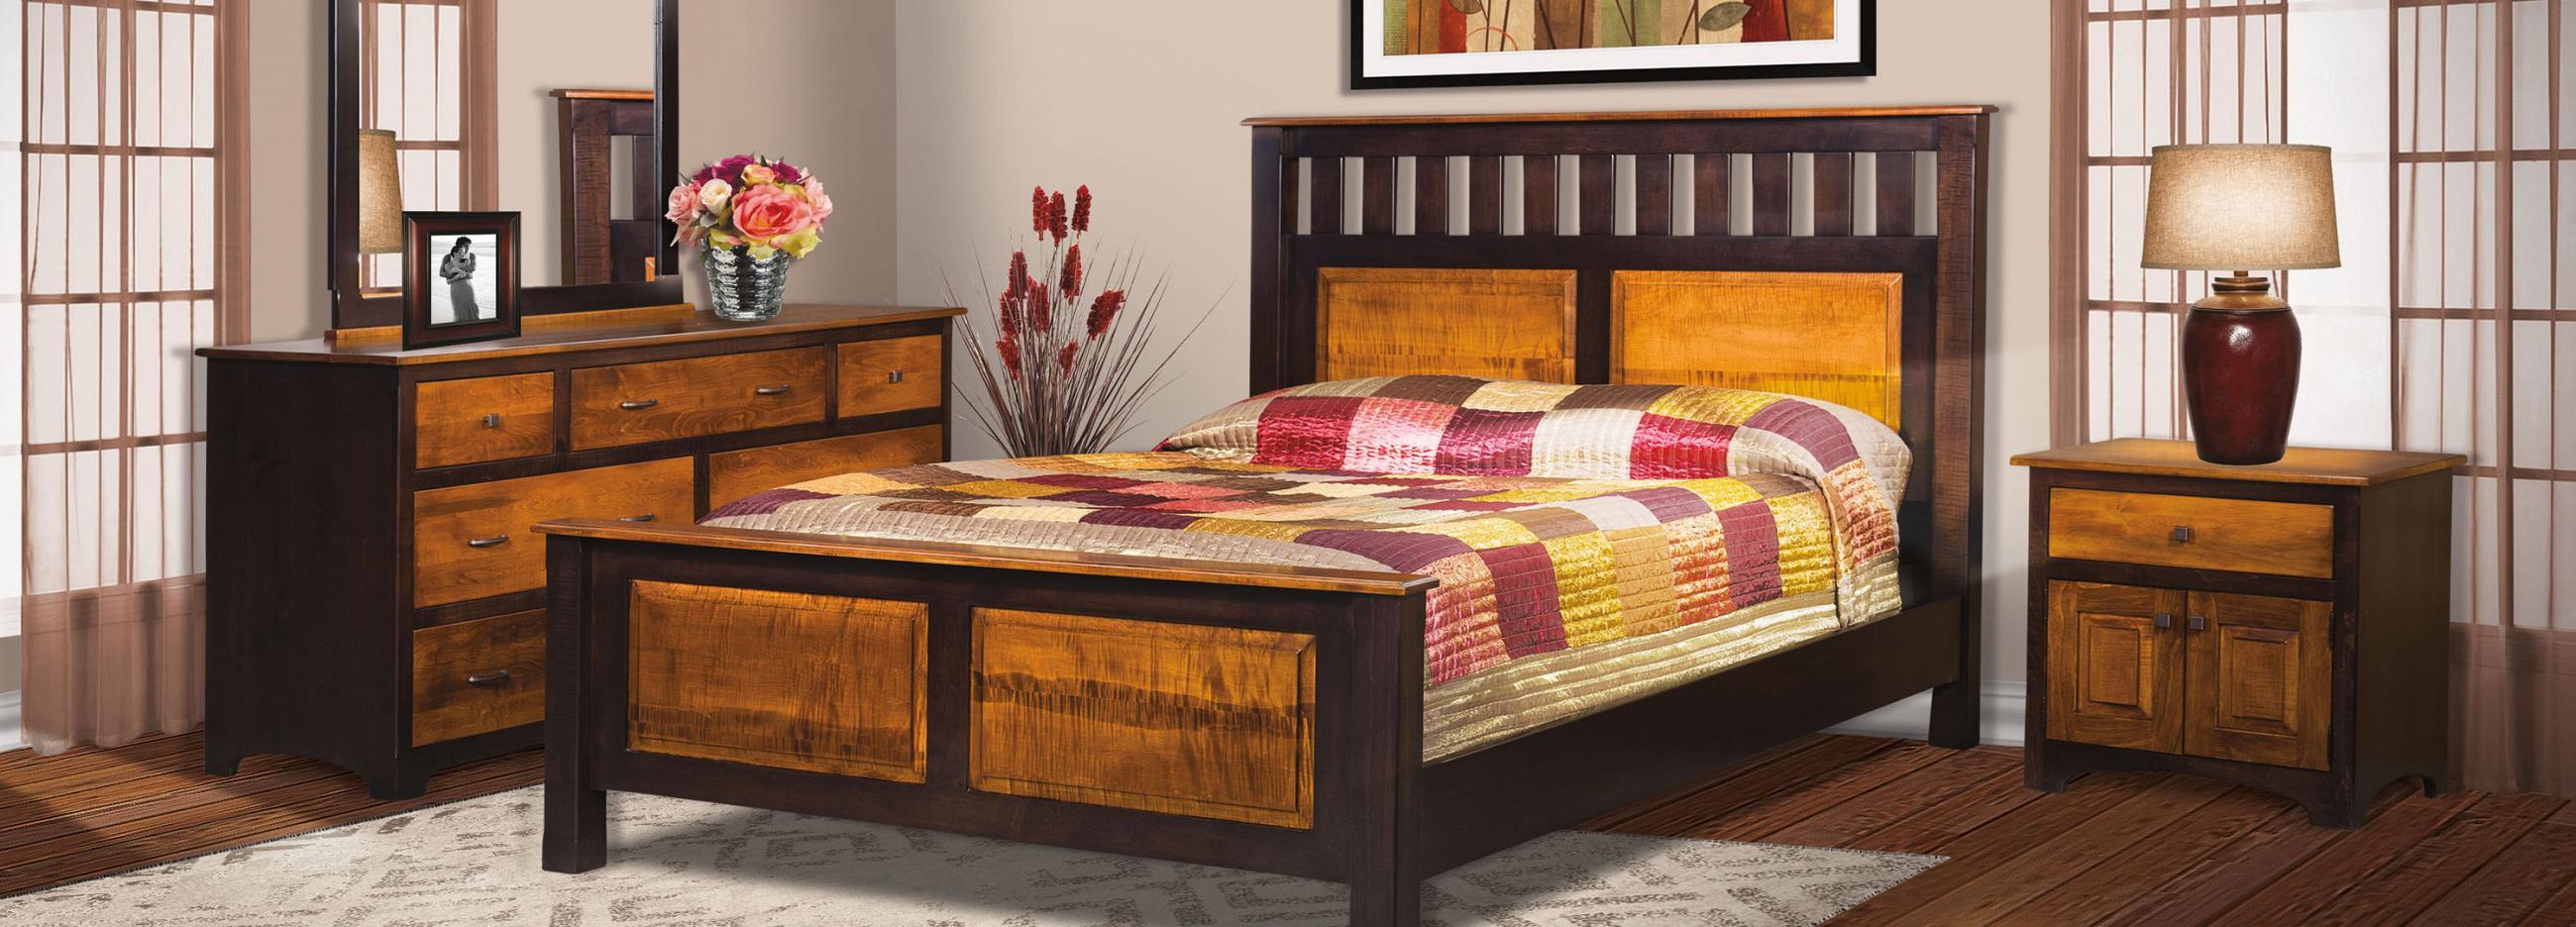 Eu0026S Wood Creations, LLC